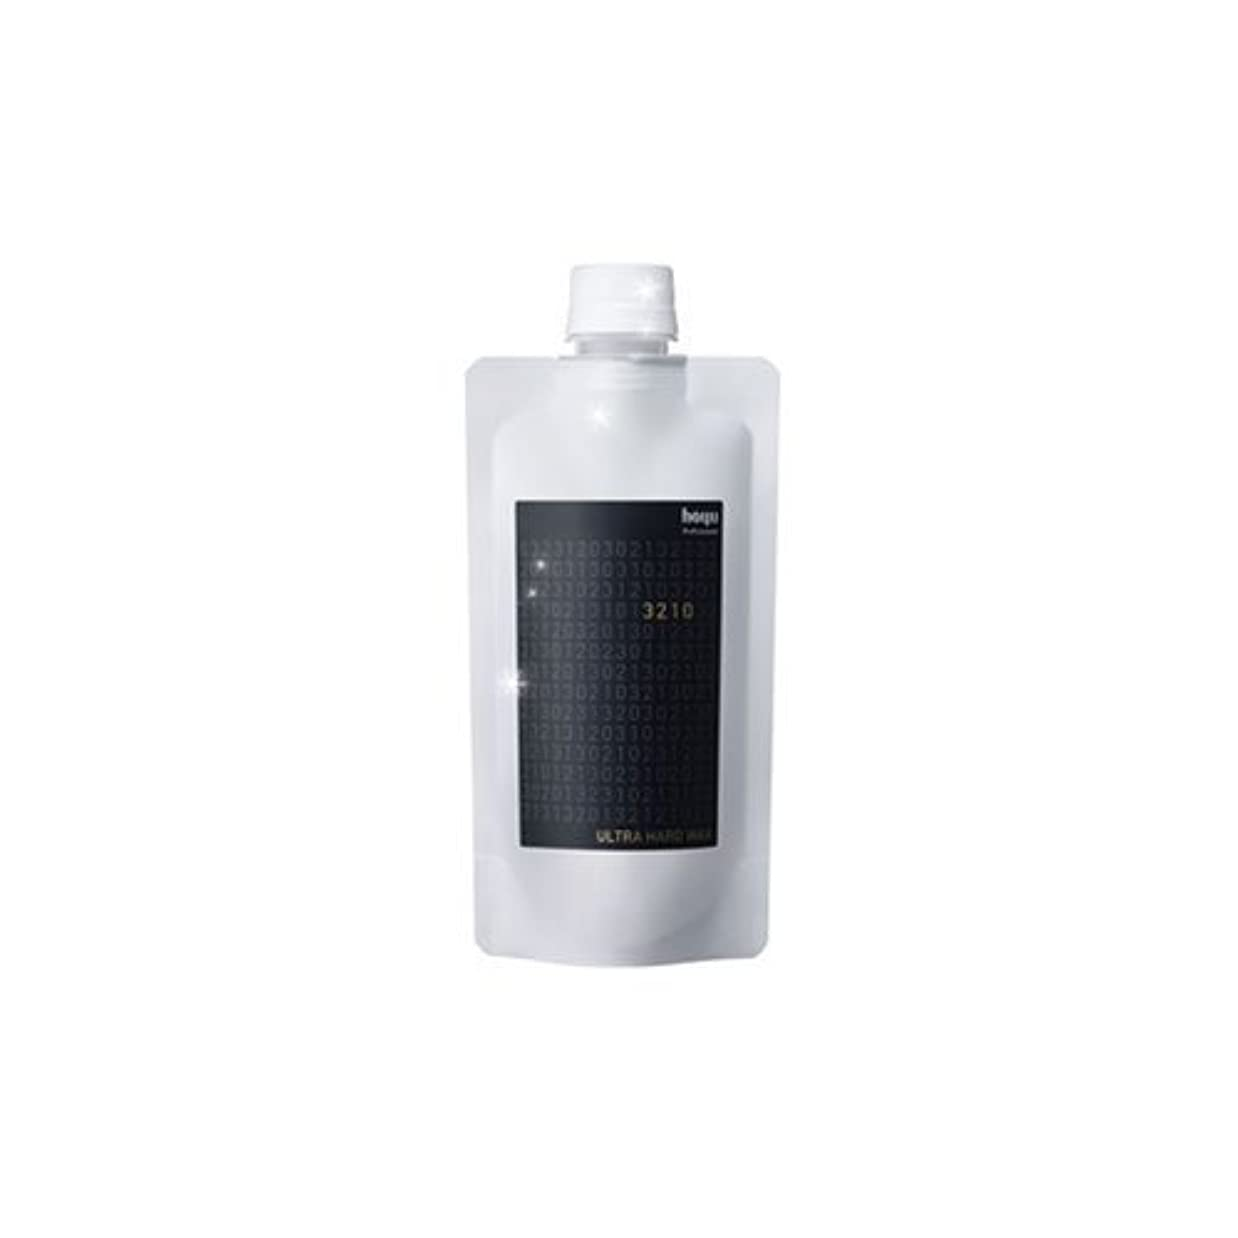 油健康的なくなるホーユー 3211 (ミニーレ) ウルトラハードワックス 200g (詰替)